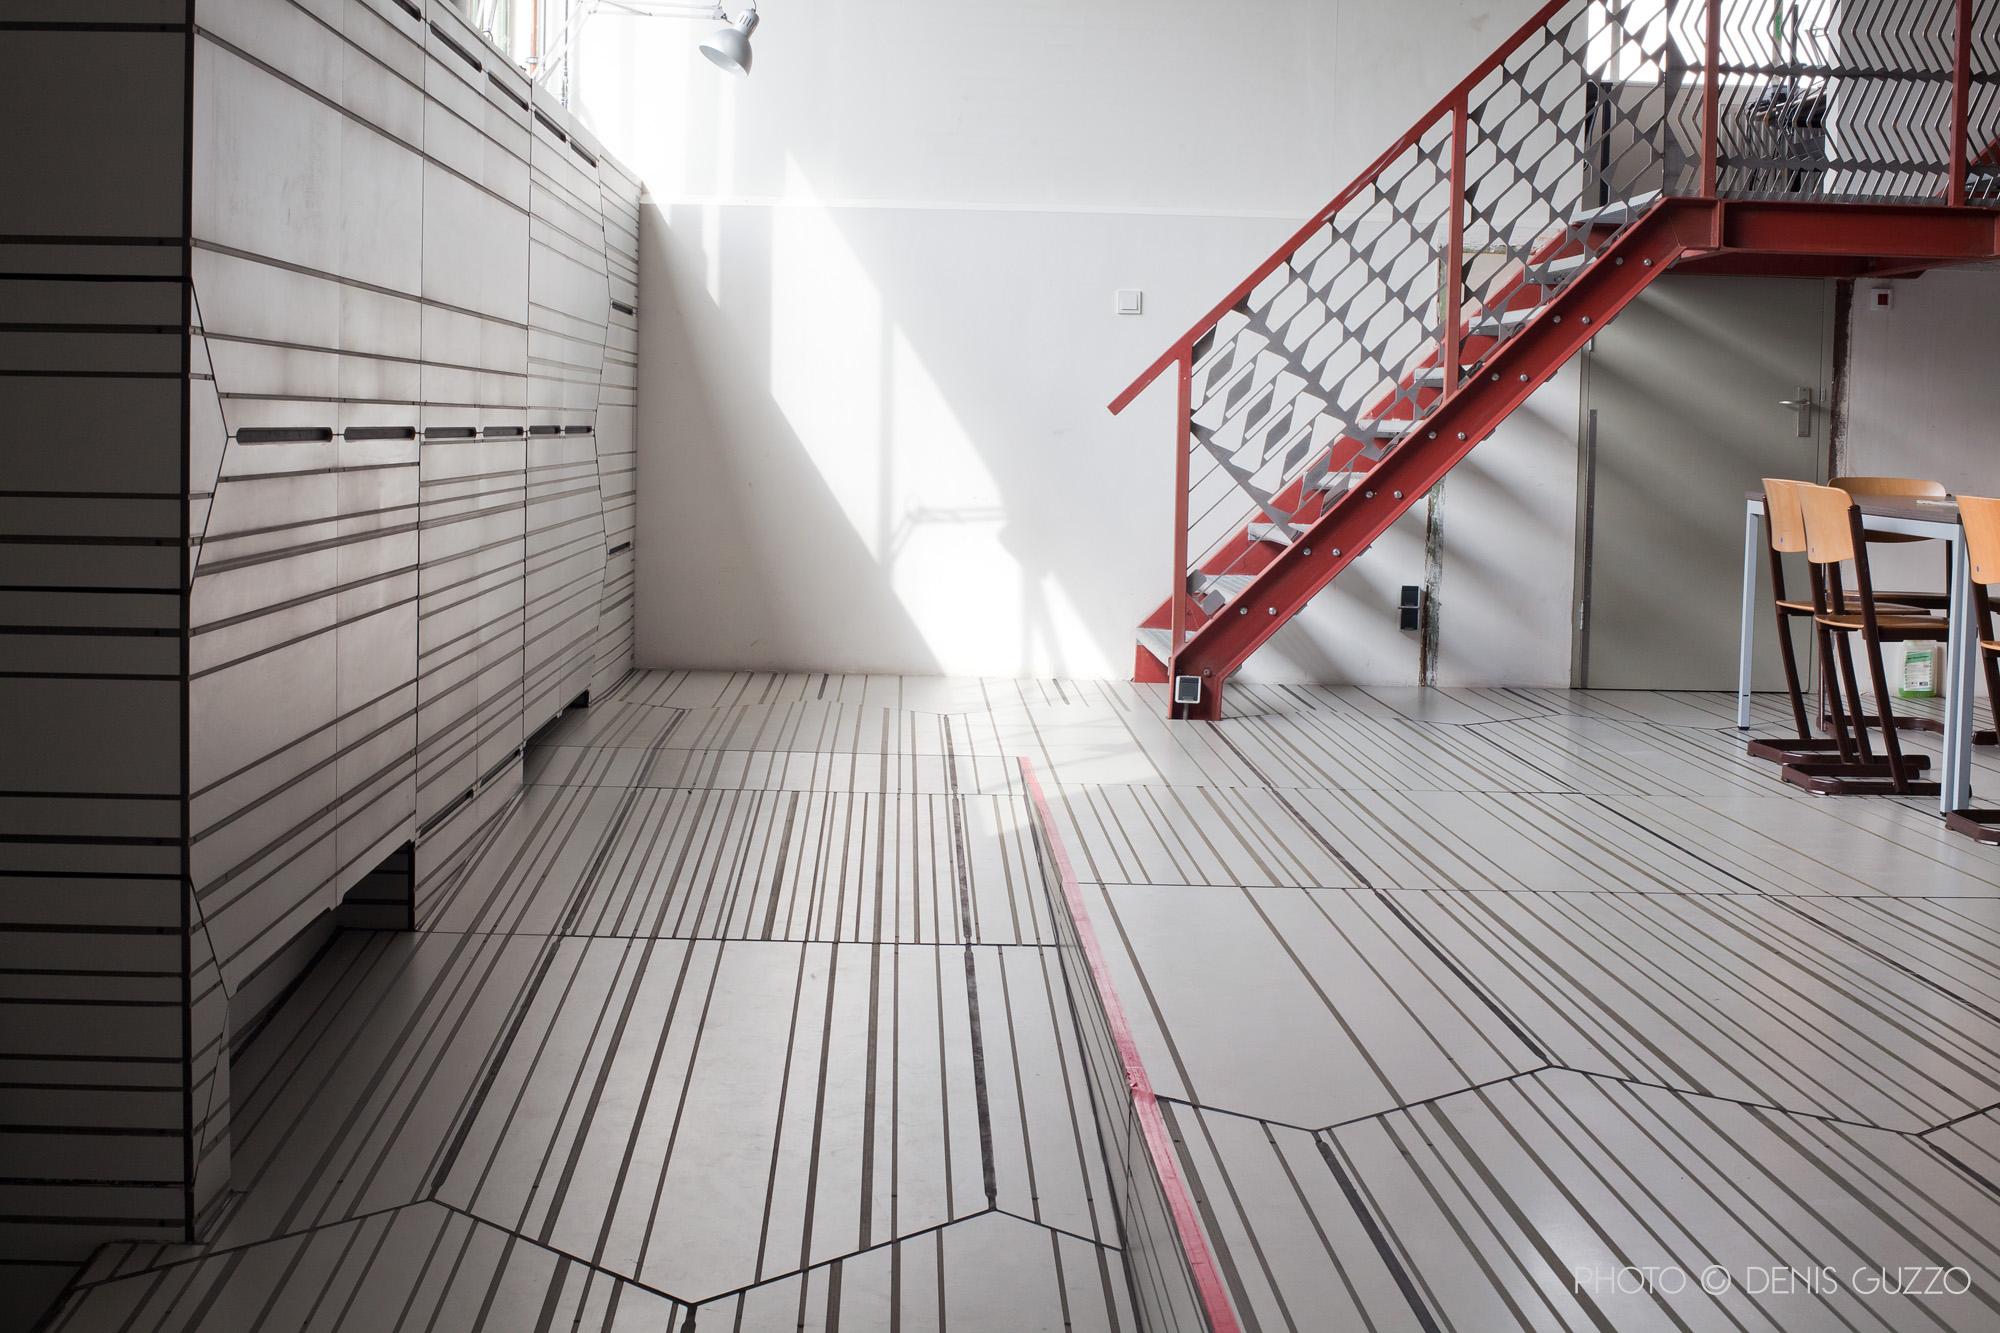 Interieurafwerking met gefreesde trespa bureaubladen en snijplaten als leuning. Dordtyart door Superuse Studios